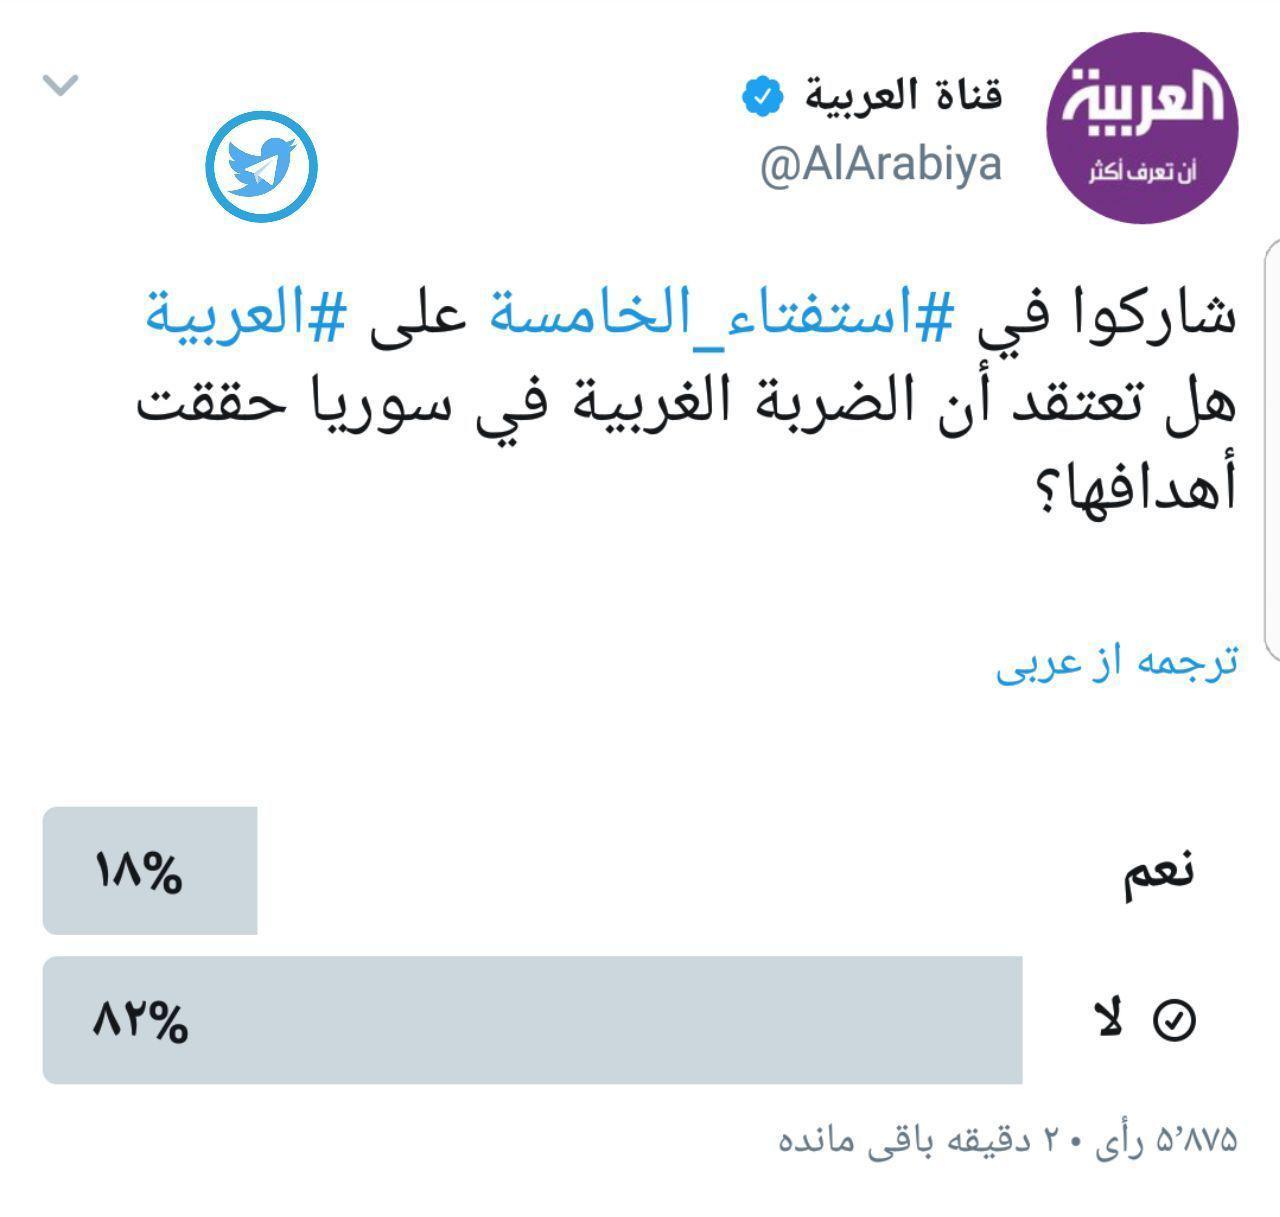 نتیجه جالب یک نظرسنجی درباره حمله به سوریه